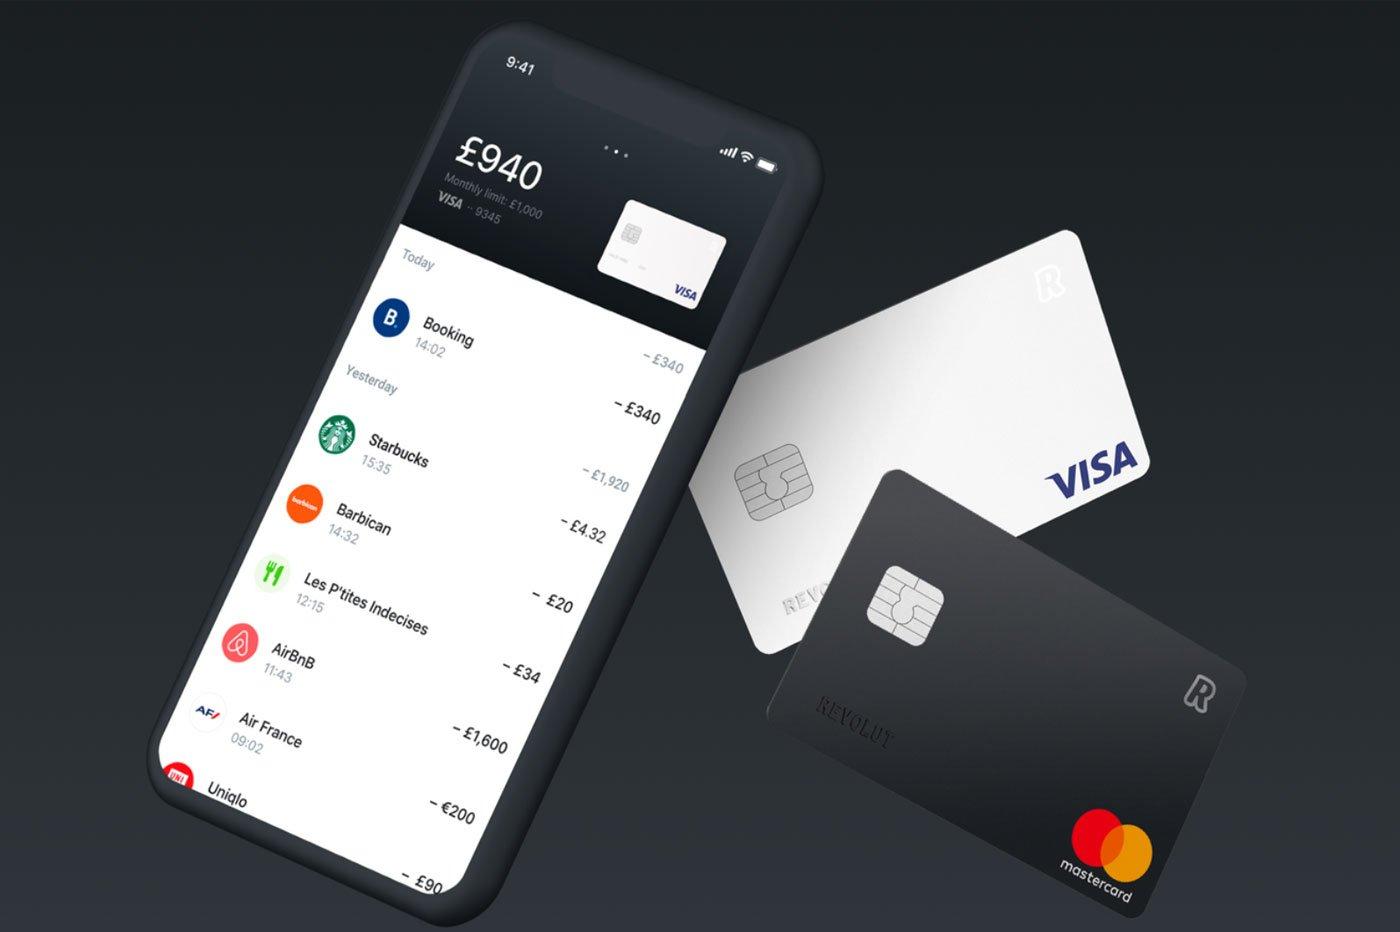 Banque mobile Revolut